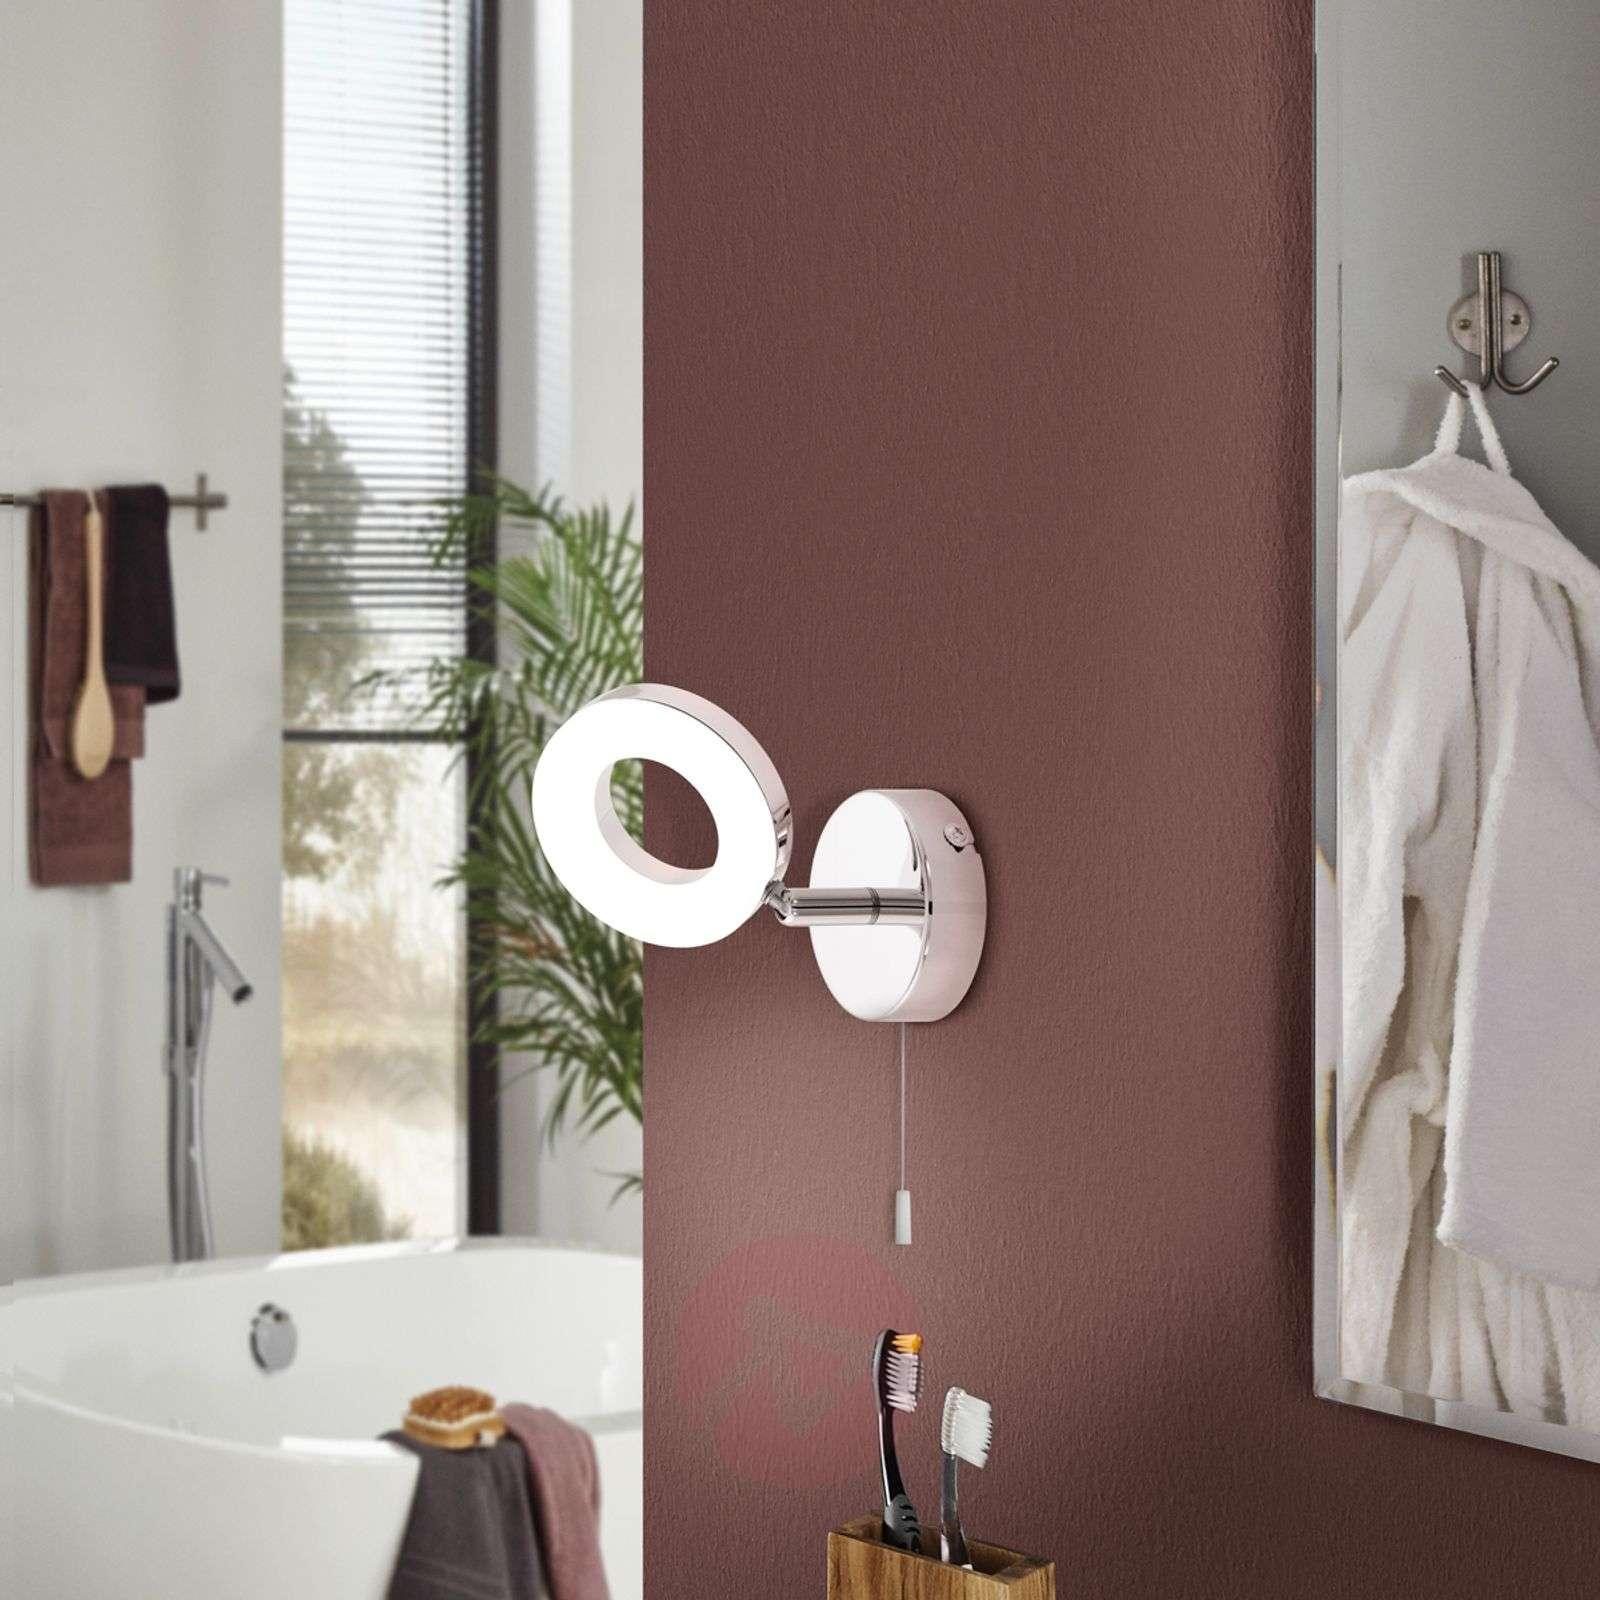 Käytännöllinen LED-seinävalaisin Gonaro kytkimellä-3031851-01